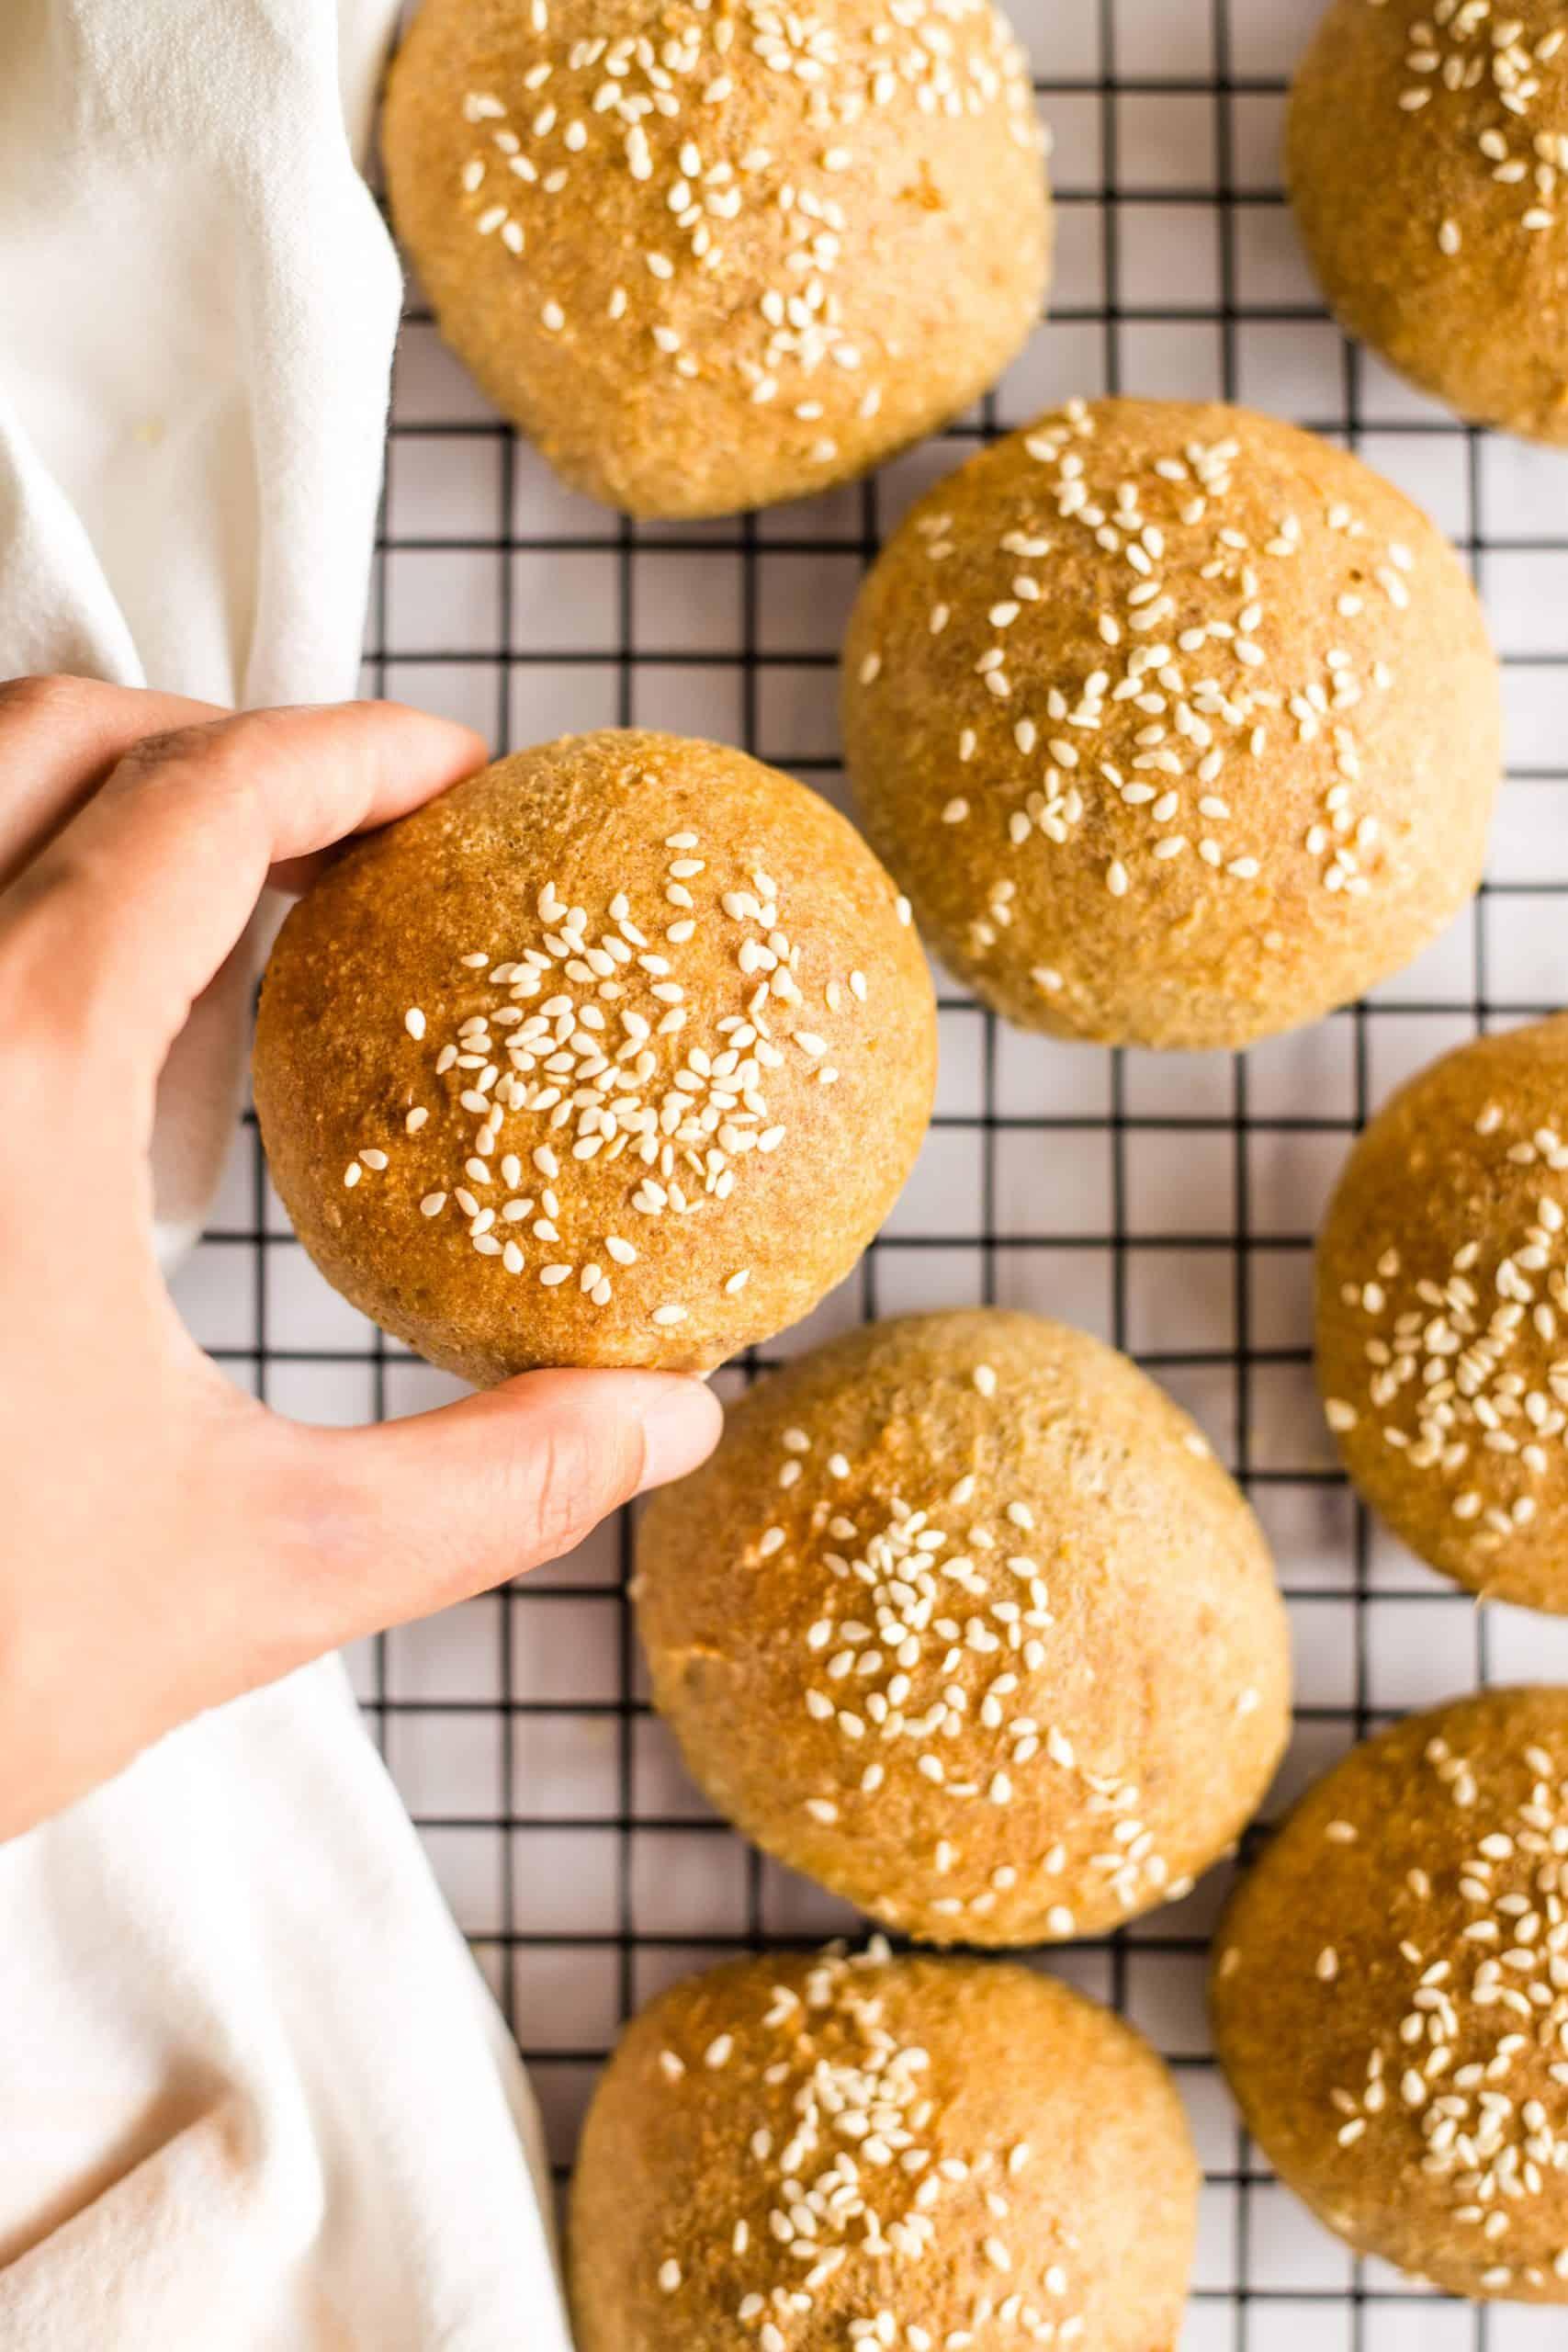 Hand holding up a gluten-free sesame bun.